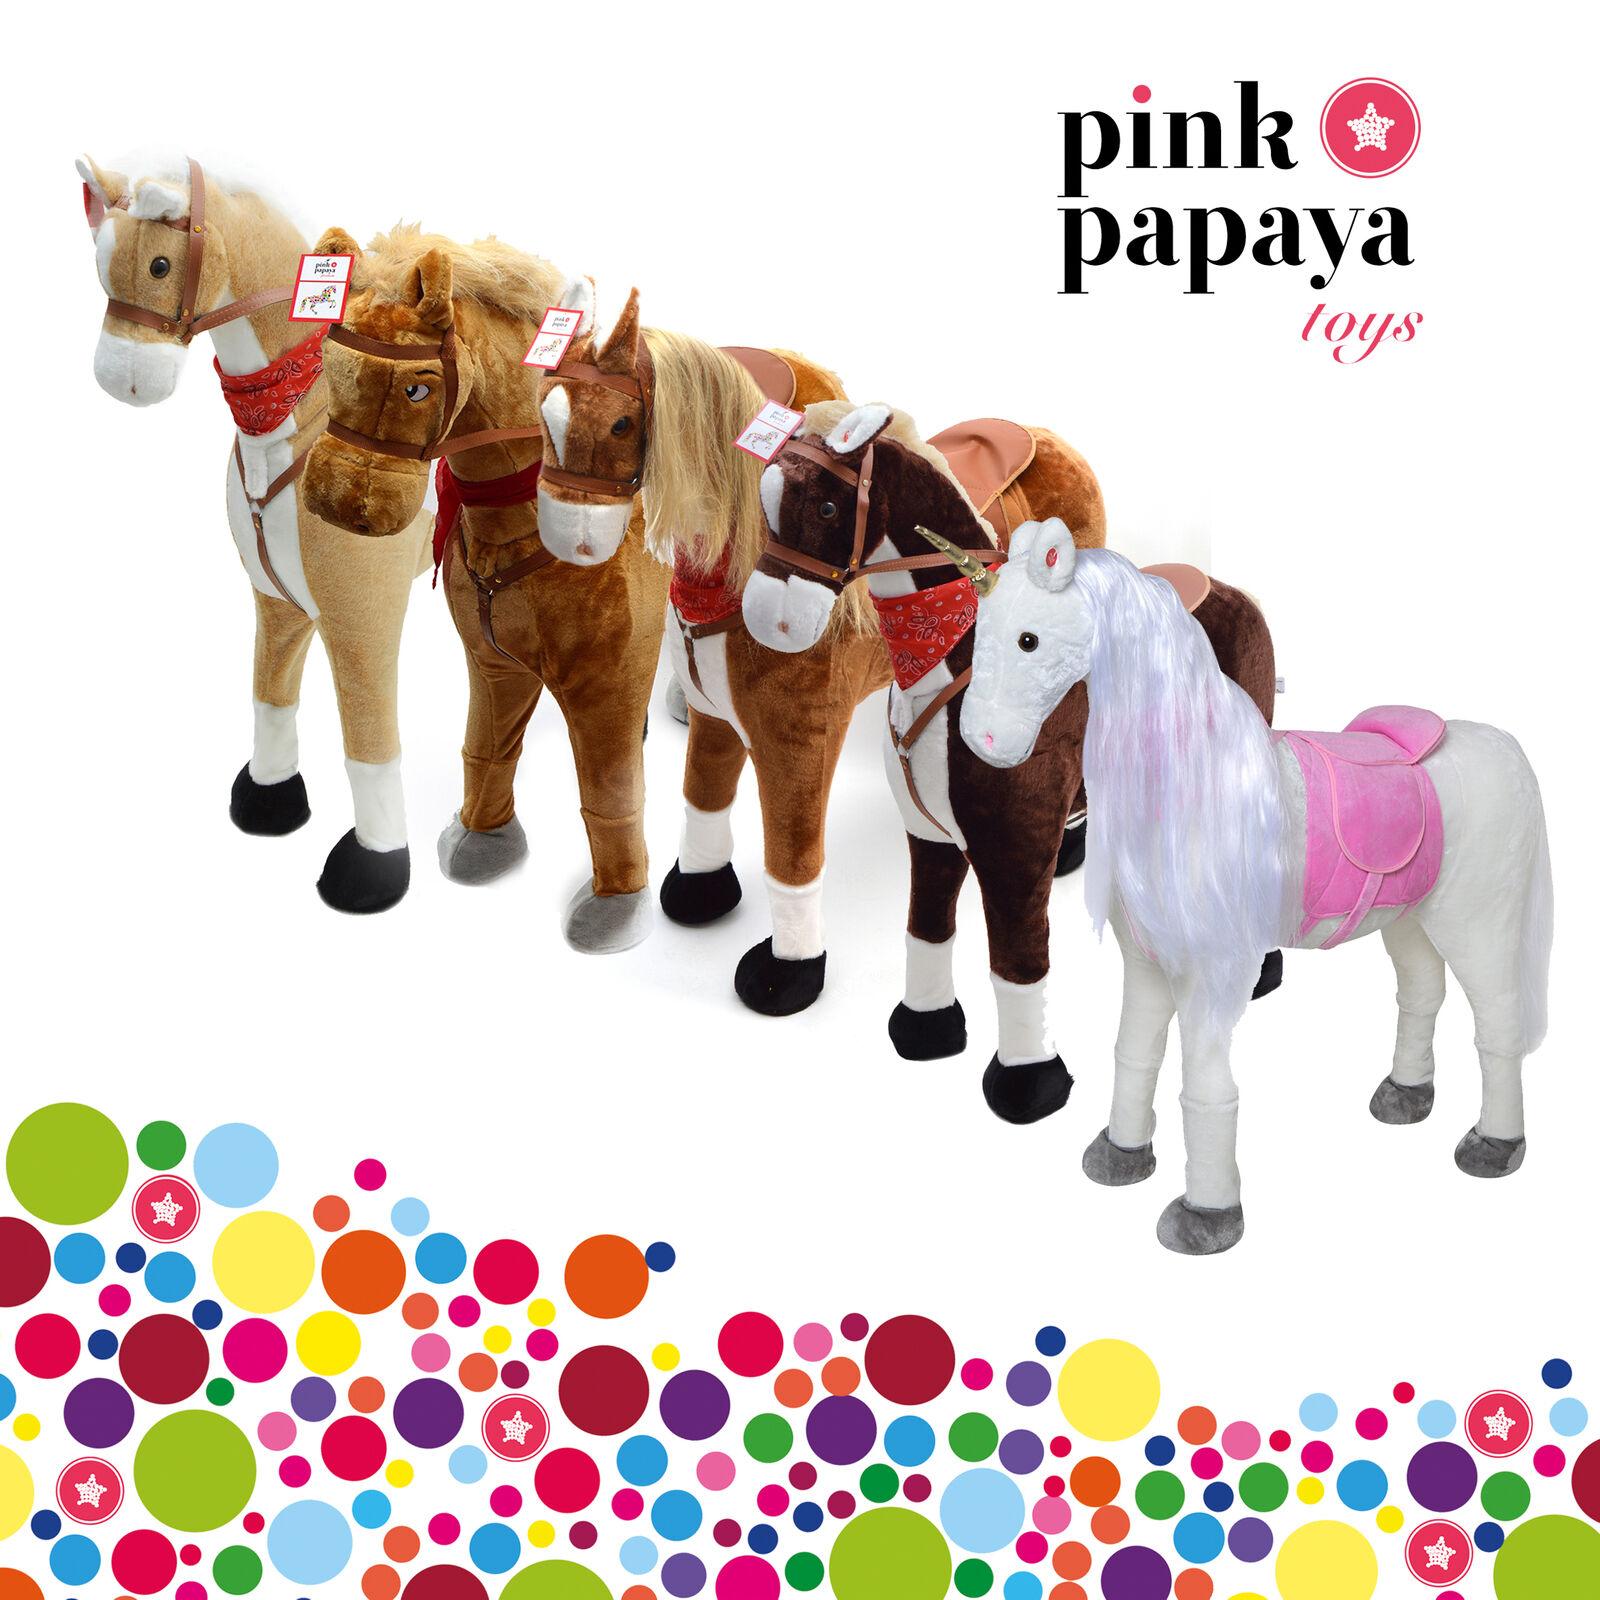 Rosa Papaya Stehpferde XXL Kopfhöhe 105cm Plüschpferd Kinderpferd Pony Reiten